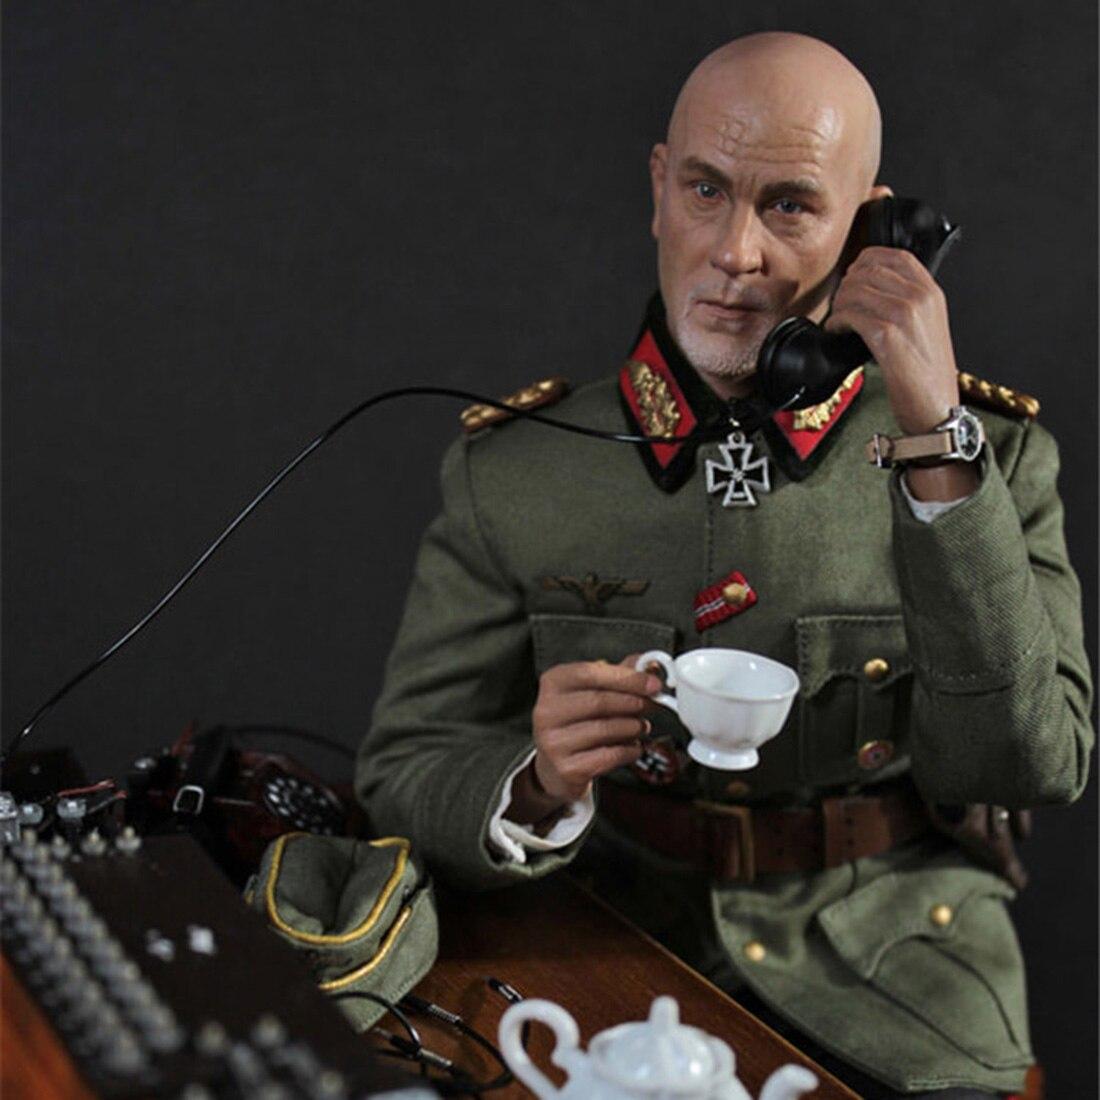 30cm 1/6 군인 모델 현실적인 headsculpt diy 수제 그림 모델 남자 선물 독일 필드 전화 스위치 보드 장면-에서액션 & 장난감 숫자부터 완구 & 취미 의  그룹 3